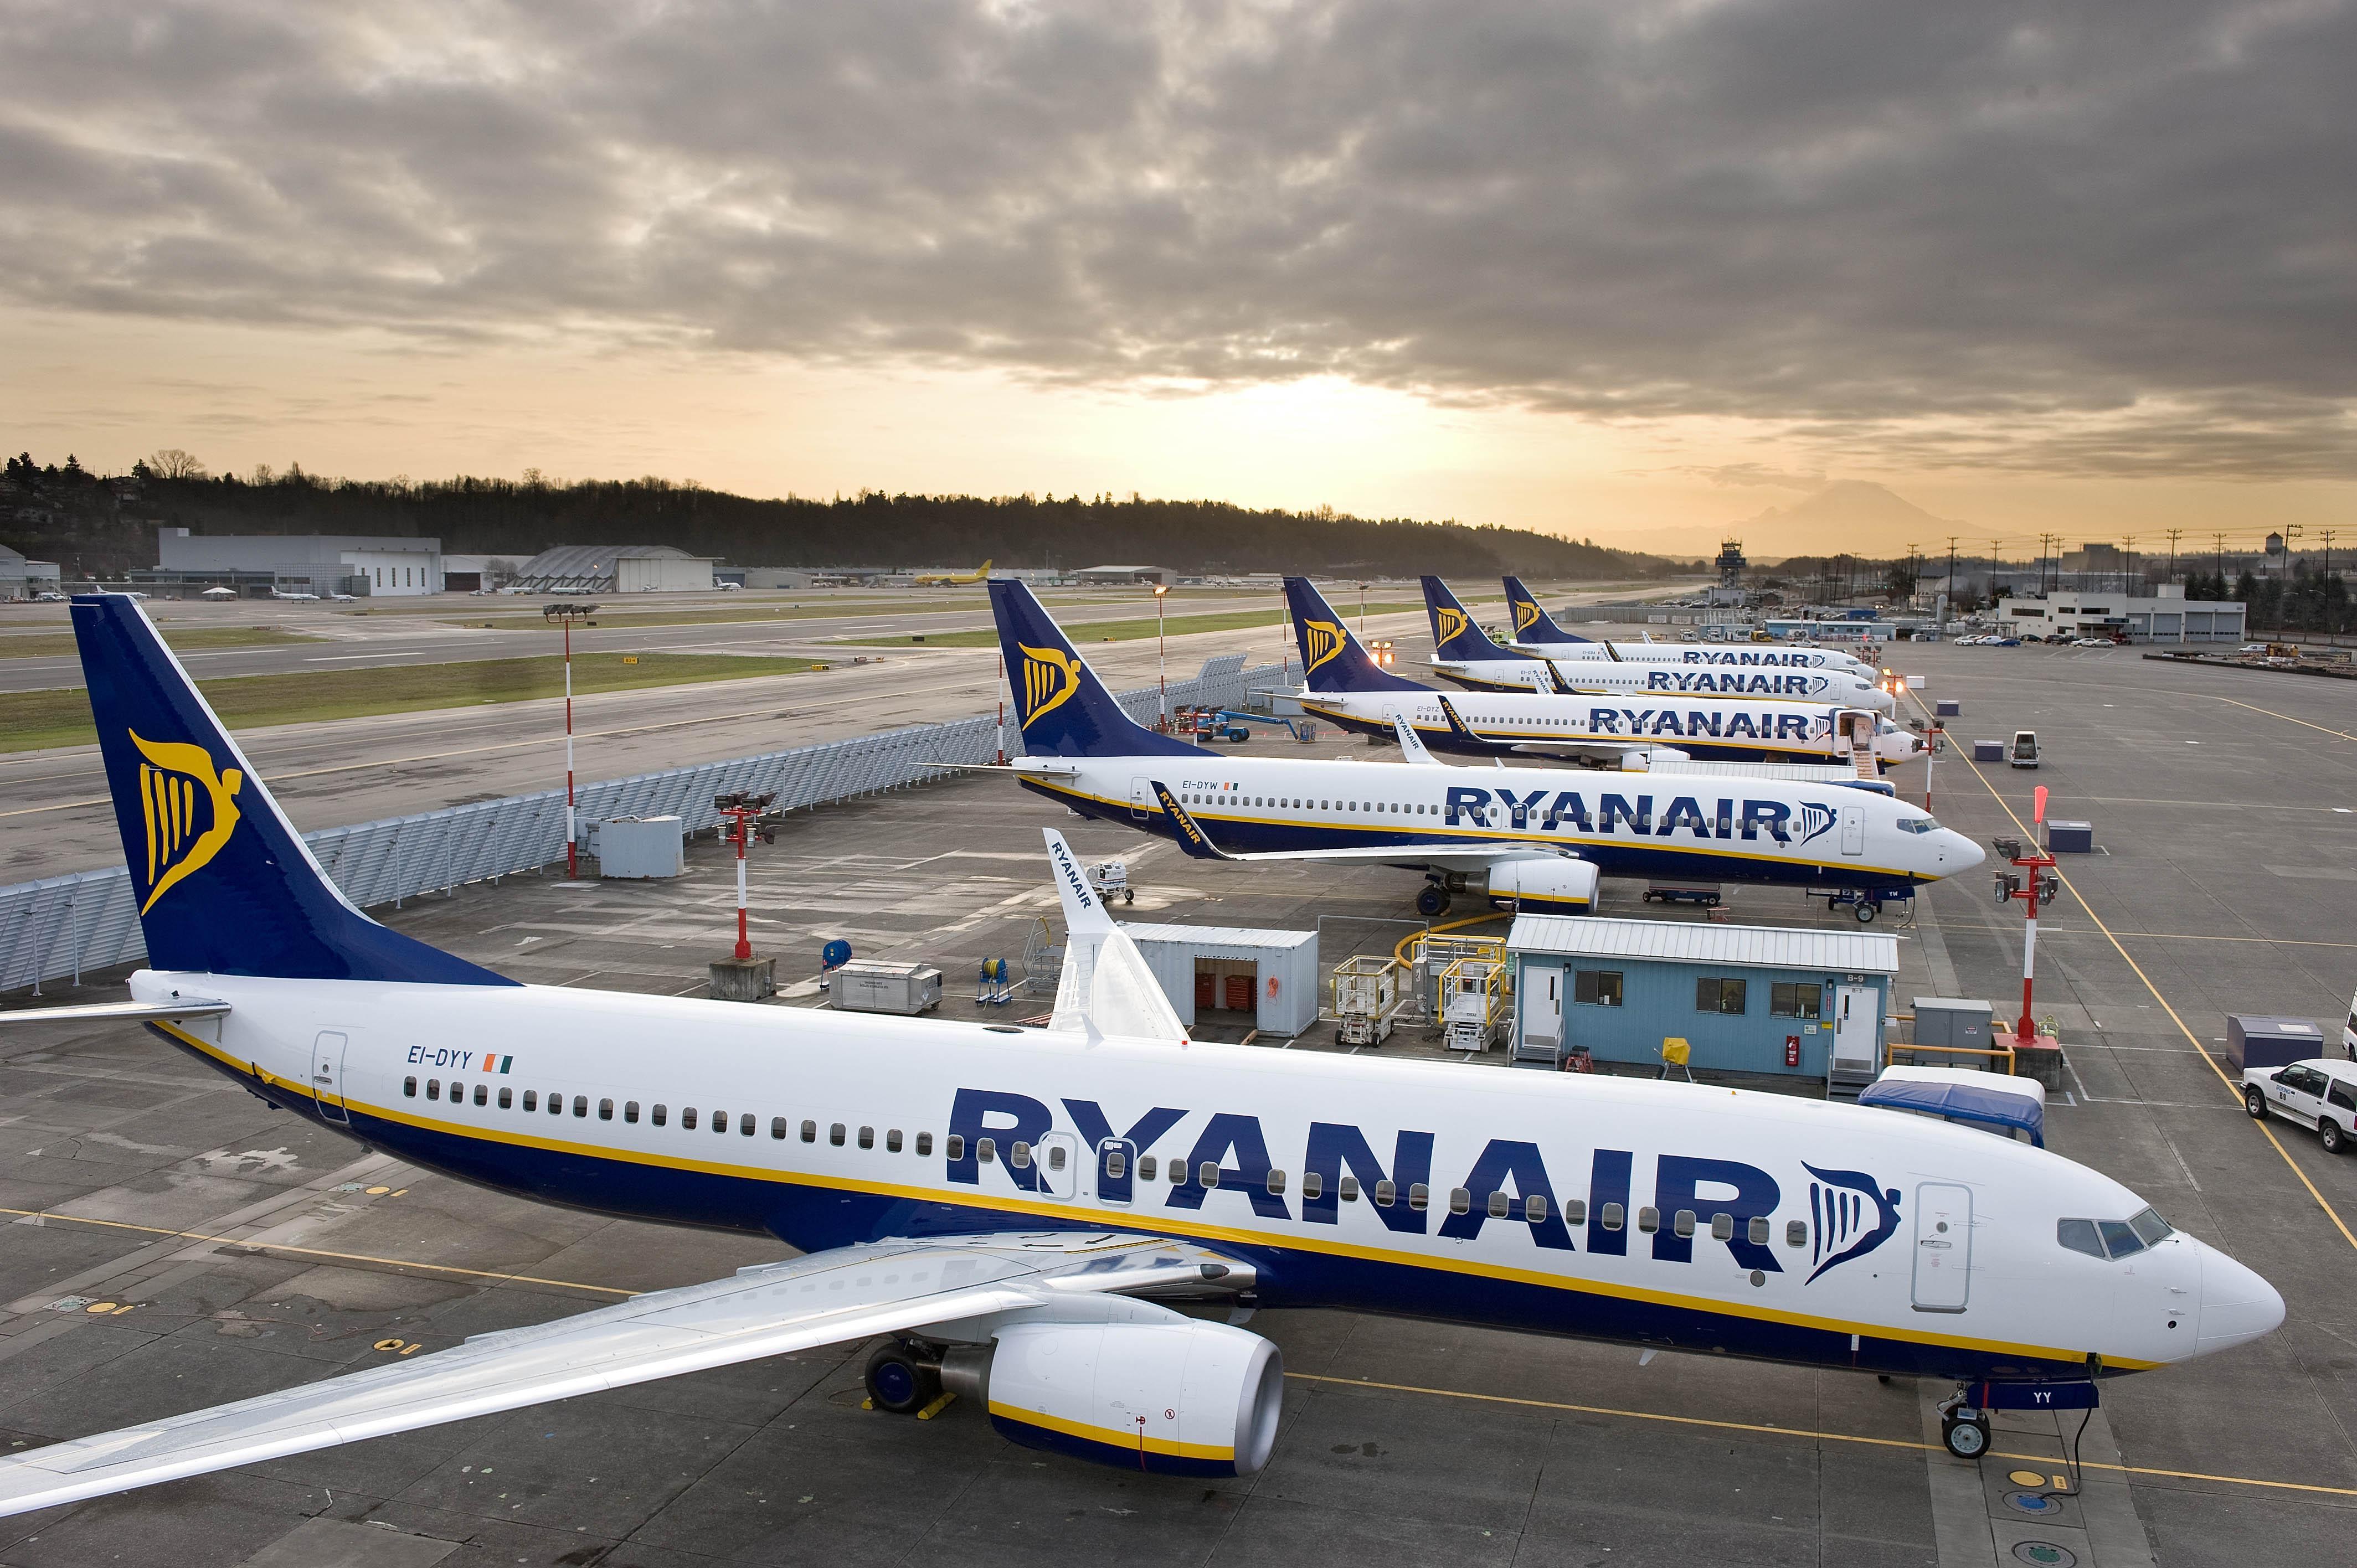 Сборка полетов из Риги в феврале-апреле 2017 от 19 до 60 евро за билет туда обратно!